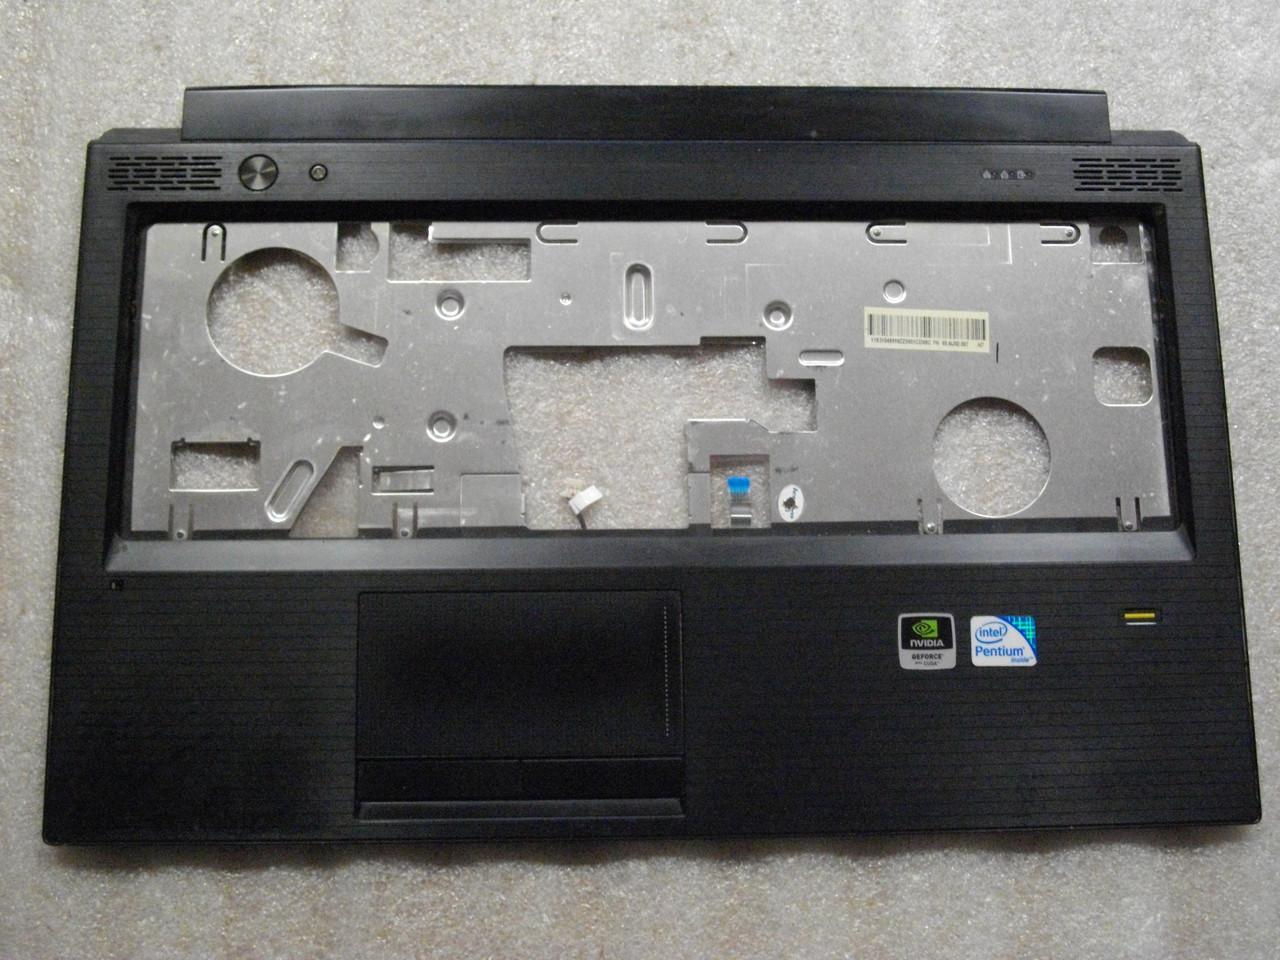 Оригинальный Корпус Верхняя часть корпуса с тачпадом Топкейс Средняя часть корпуса Lenovo B570 B575 V570 V575